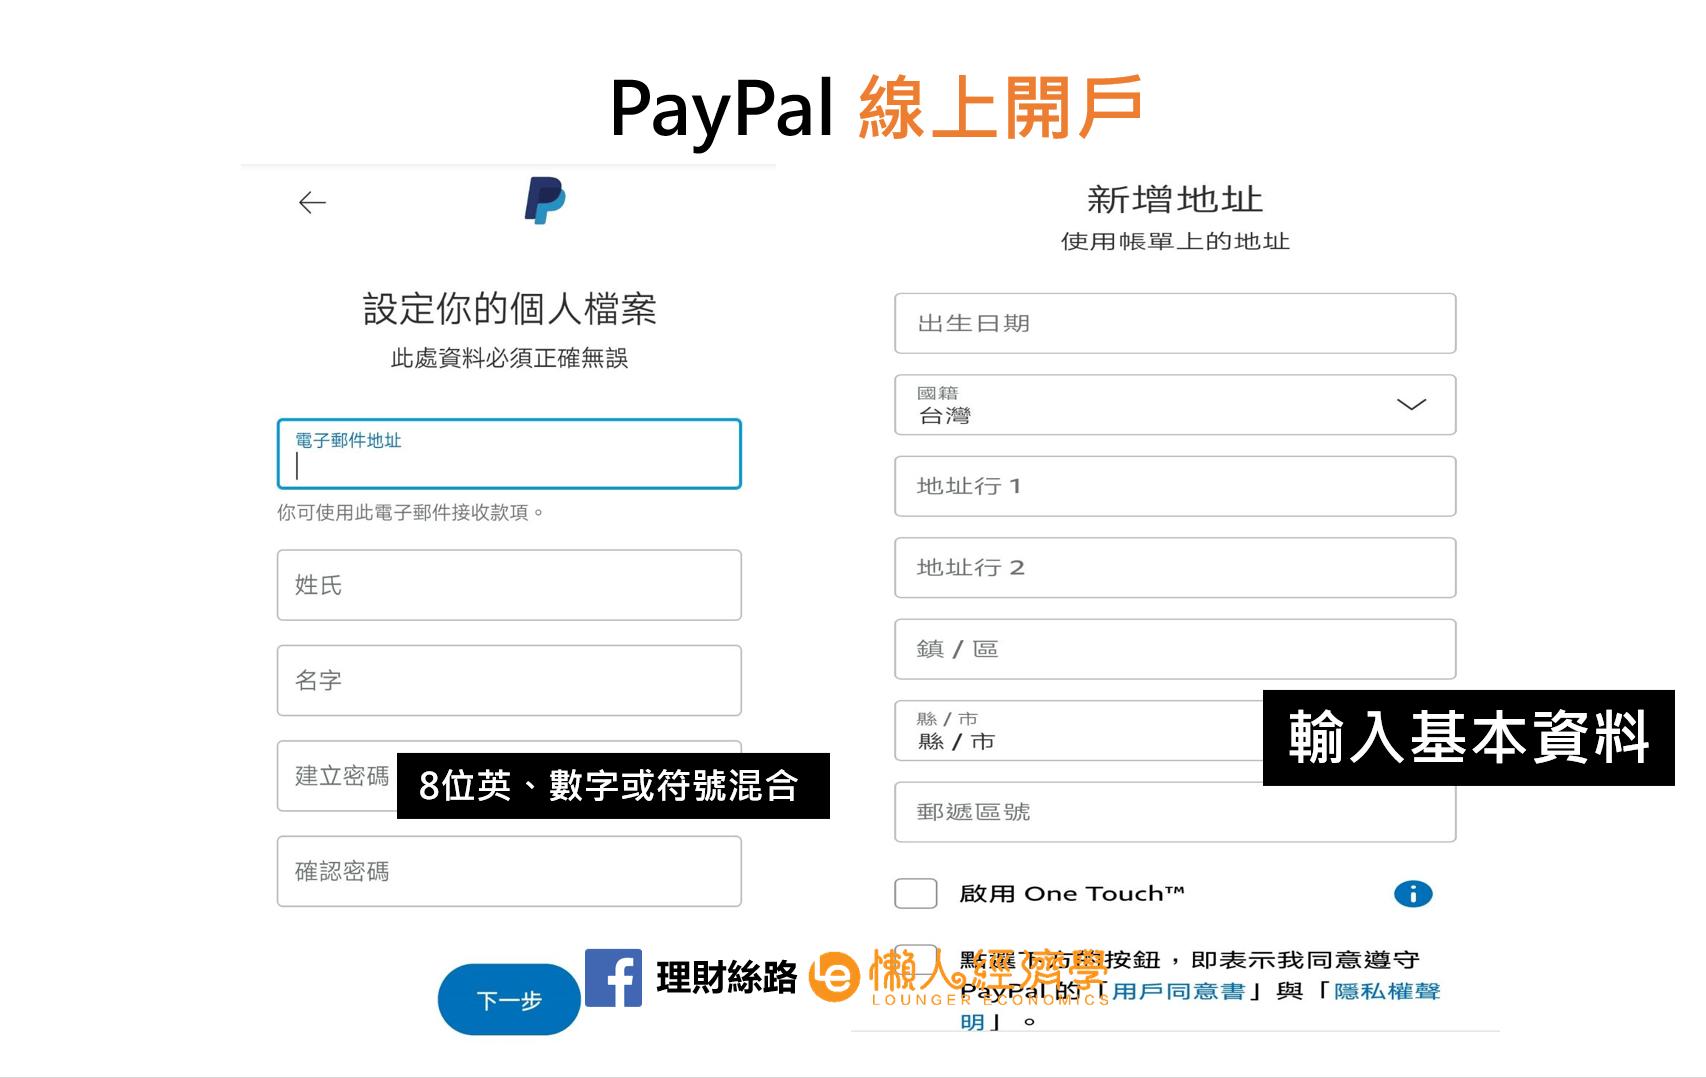 PayPal輸入基本資料